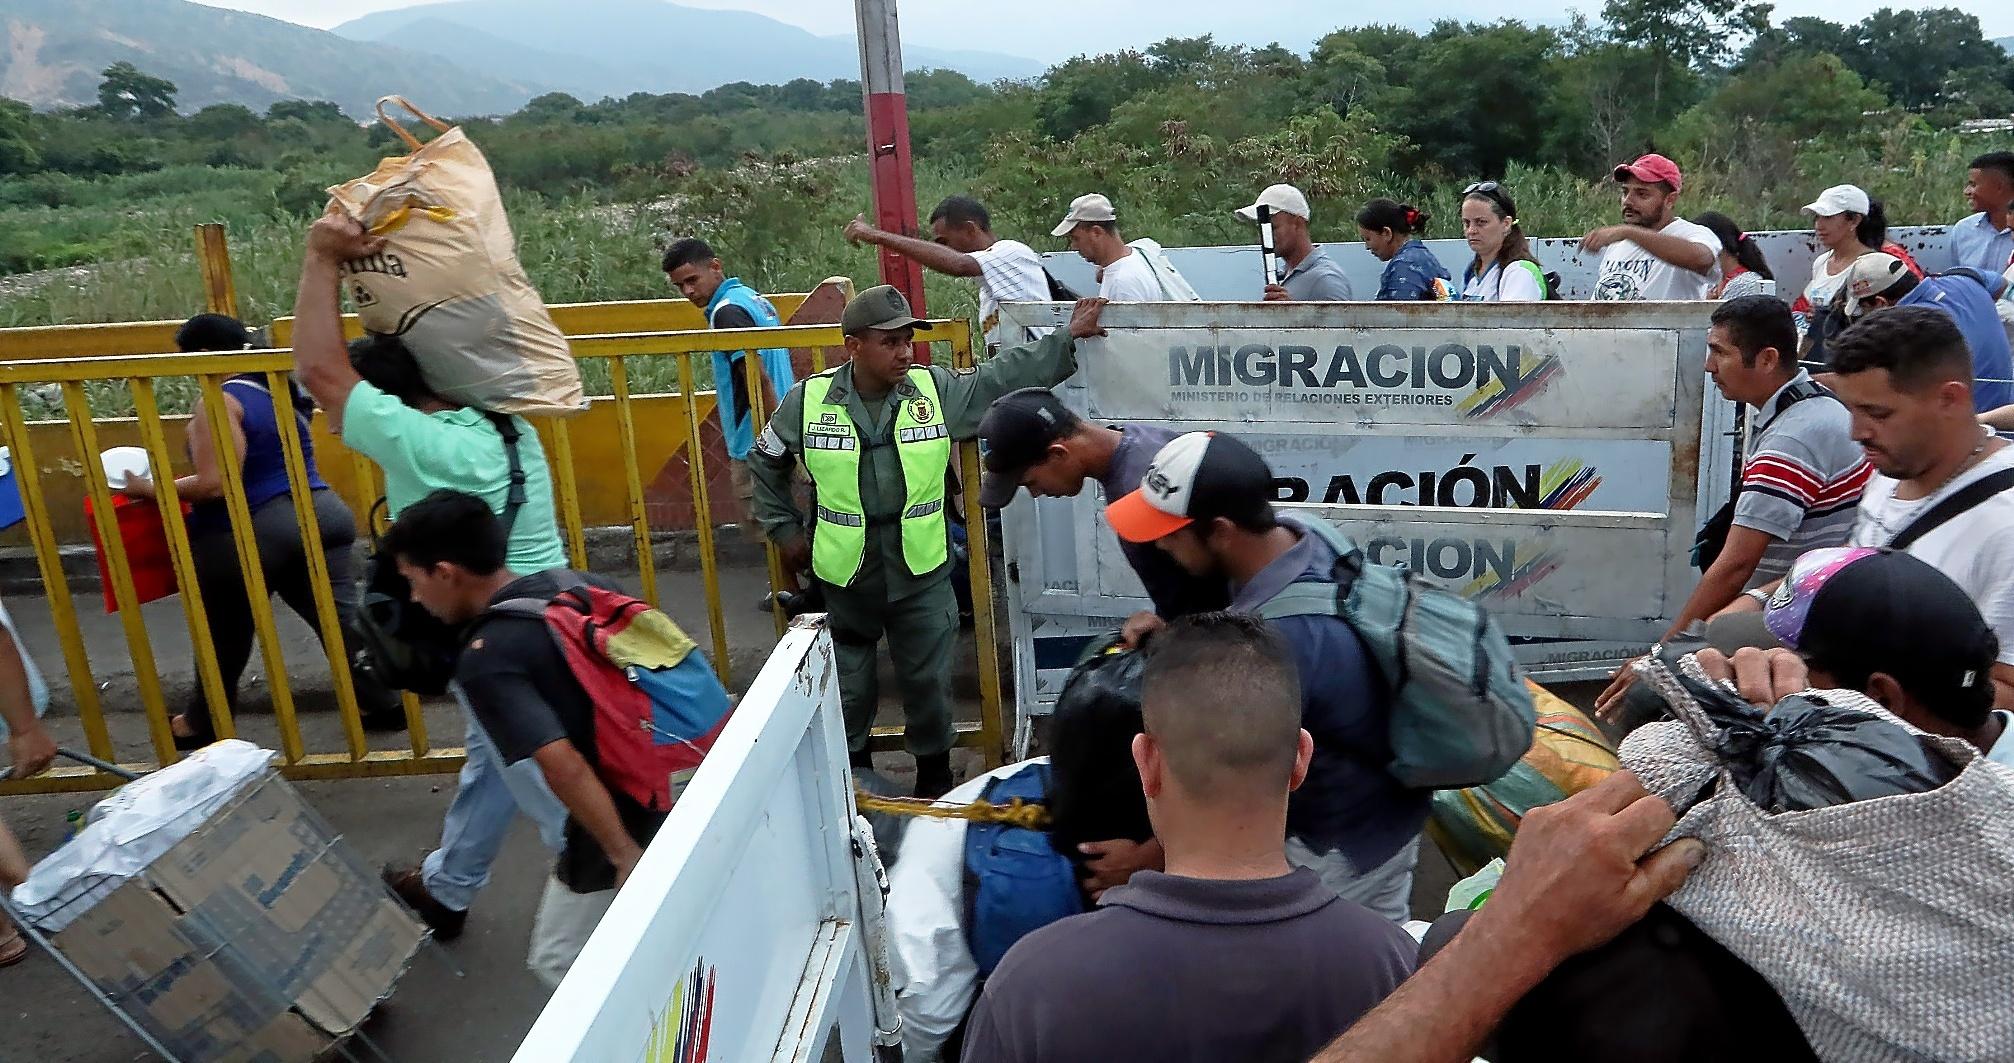 Venezolanos regresan a su país desde Colombia por el puente internacional Simón Bolívar (Cúcuta), tras hacer acopio de alimentos y medicinas. MAURICIO DUEÑAS CASTAÑEDA / EFE